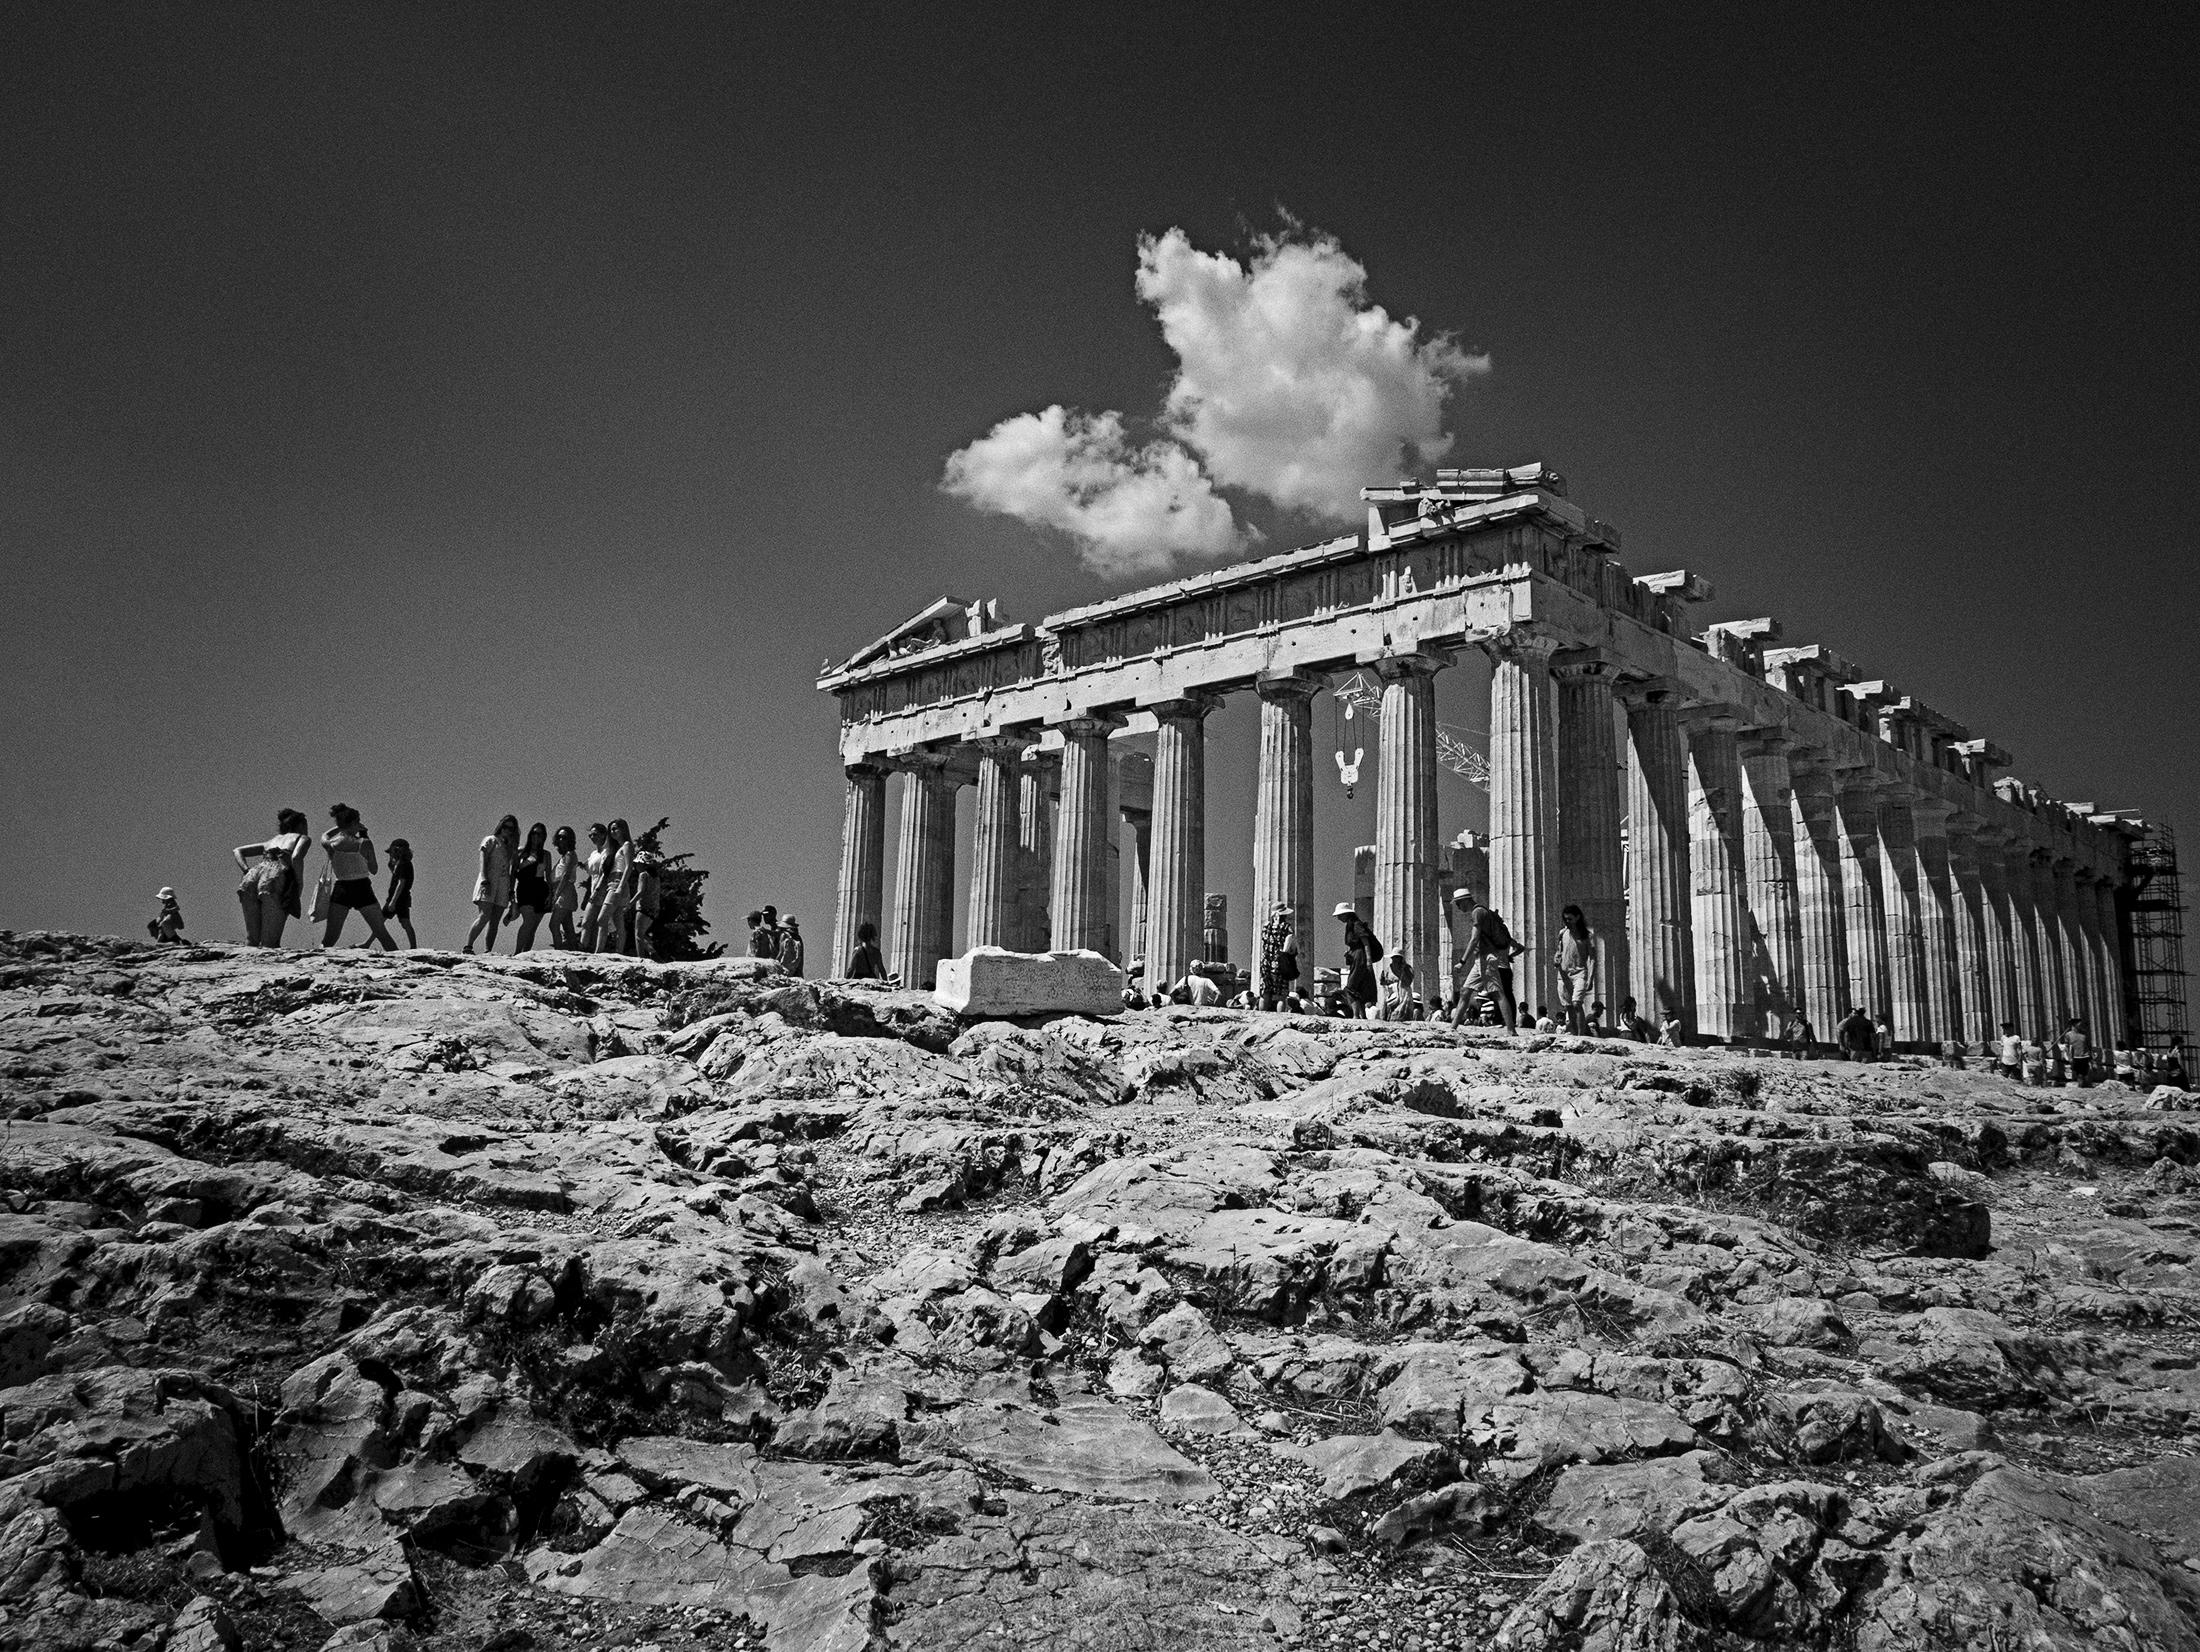 Acropolis ruins, Greece, Parthenon